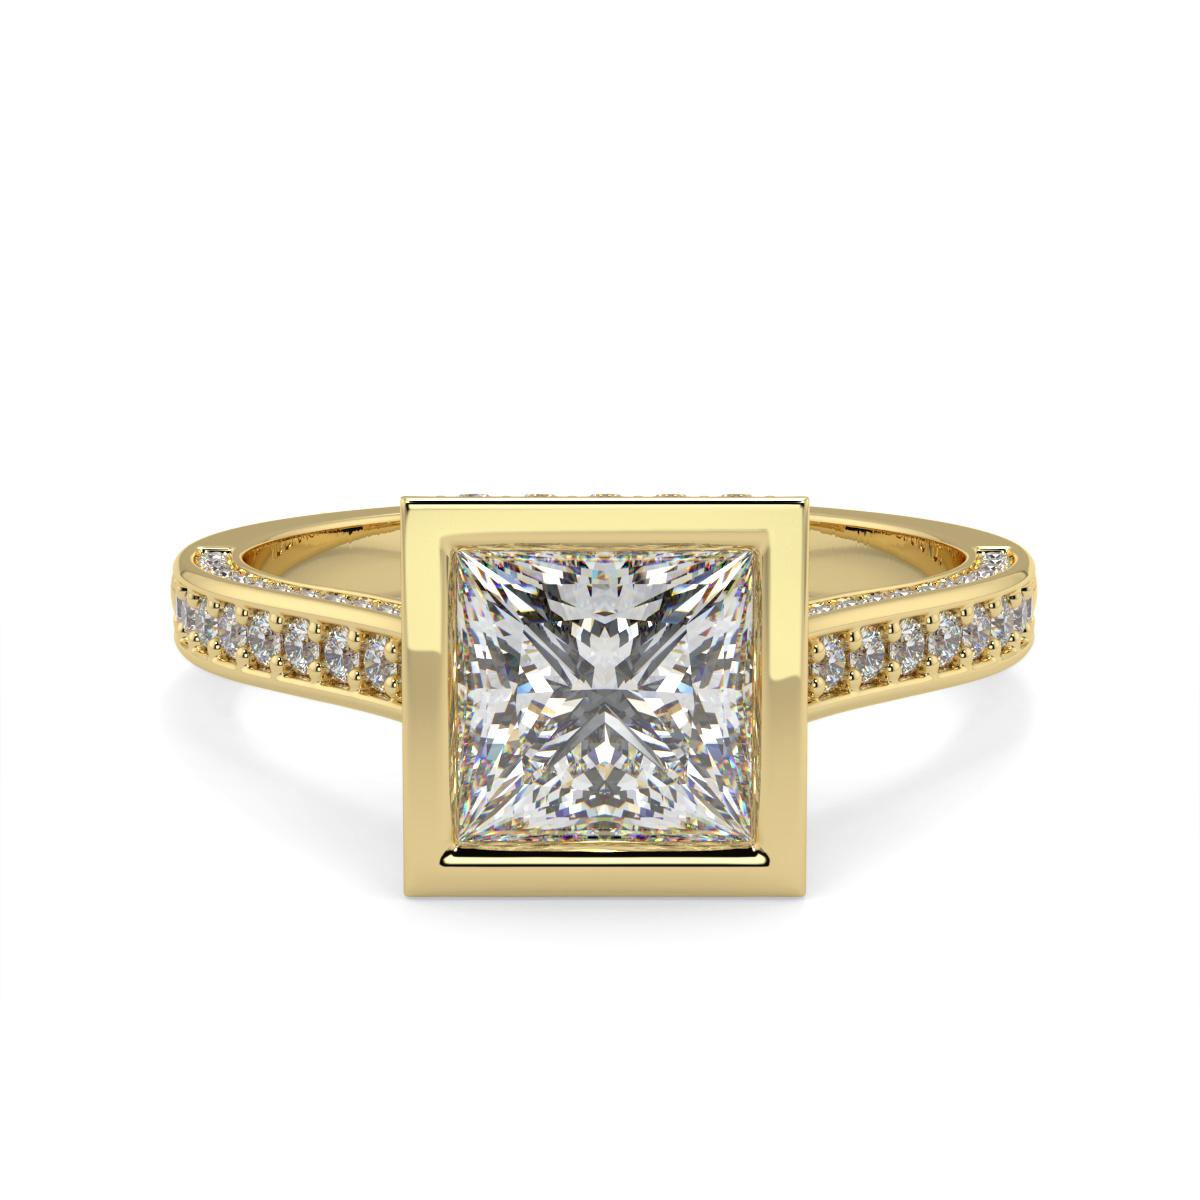 Princess Pave Set Rubover Diamond Ring